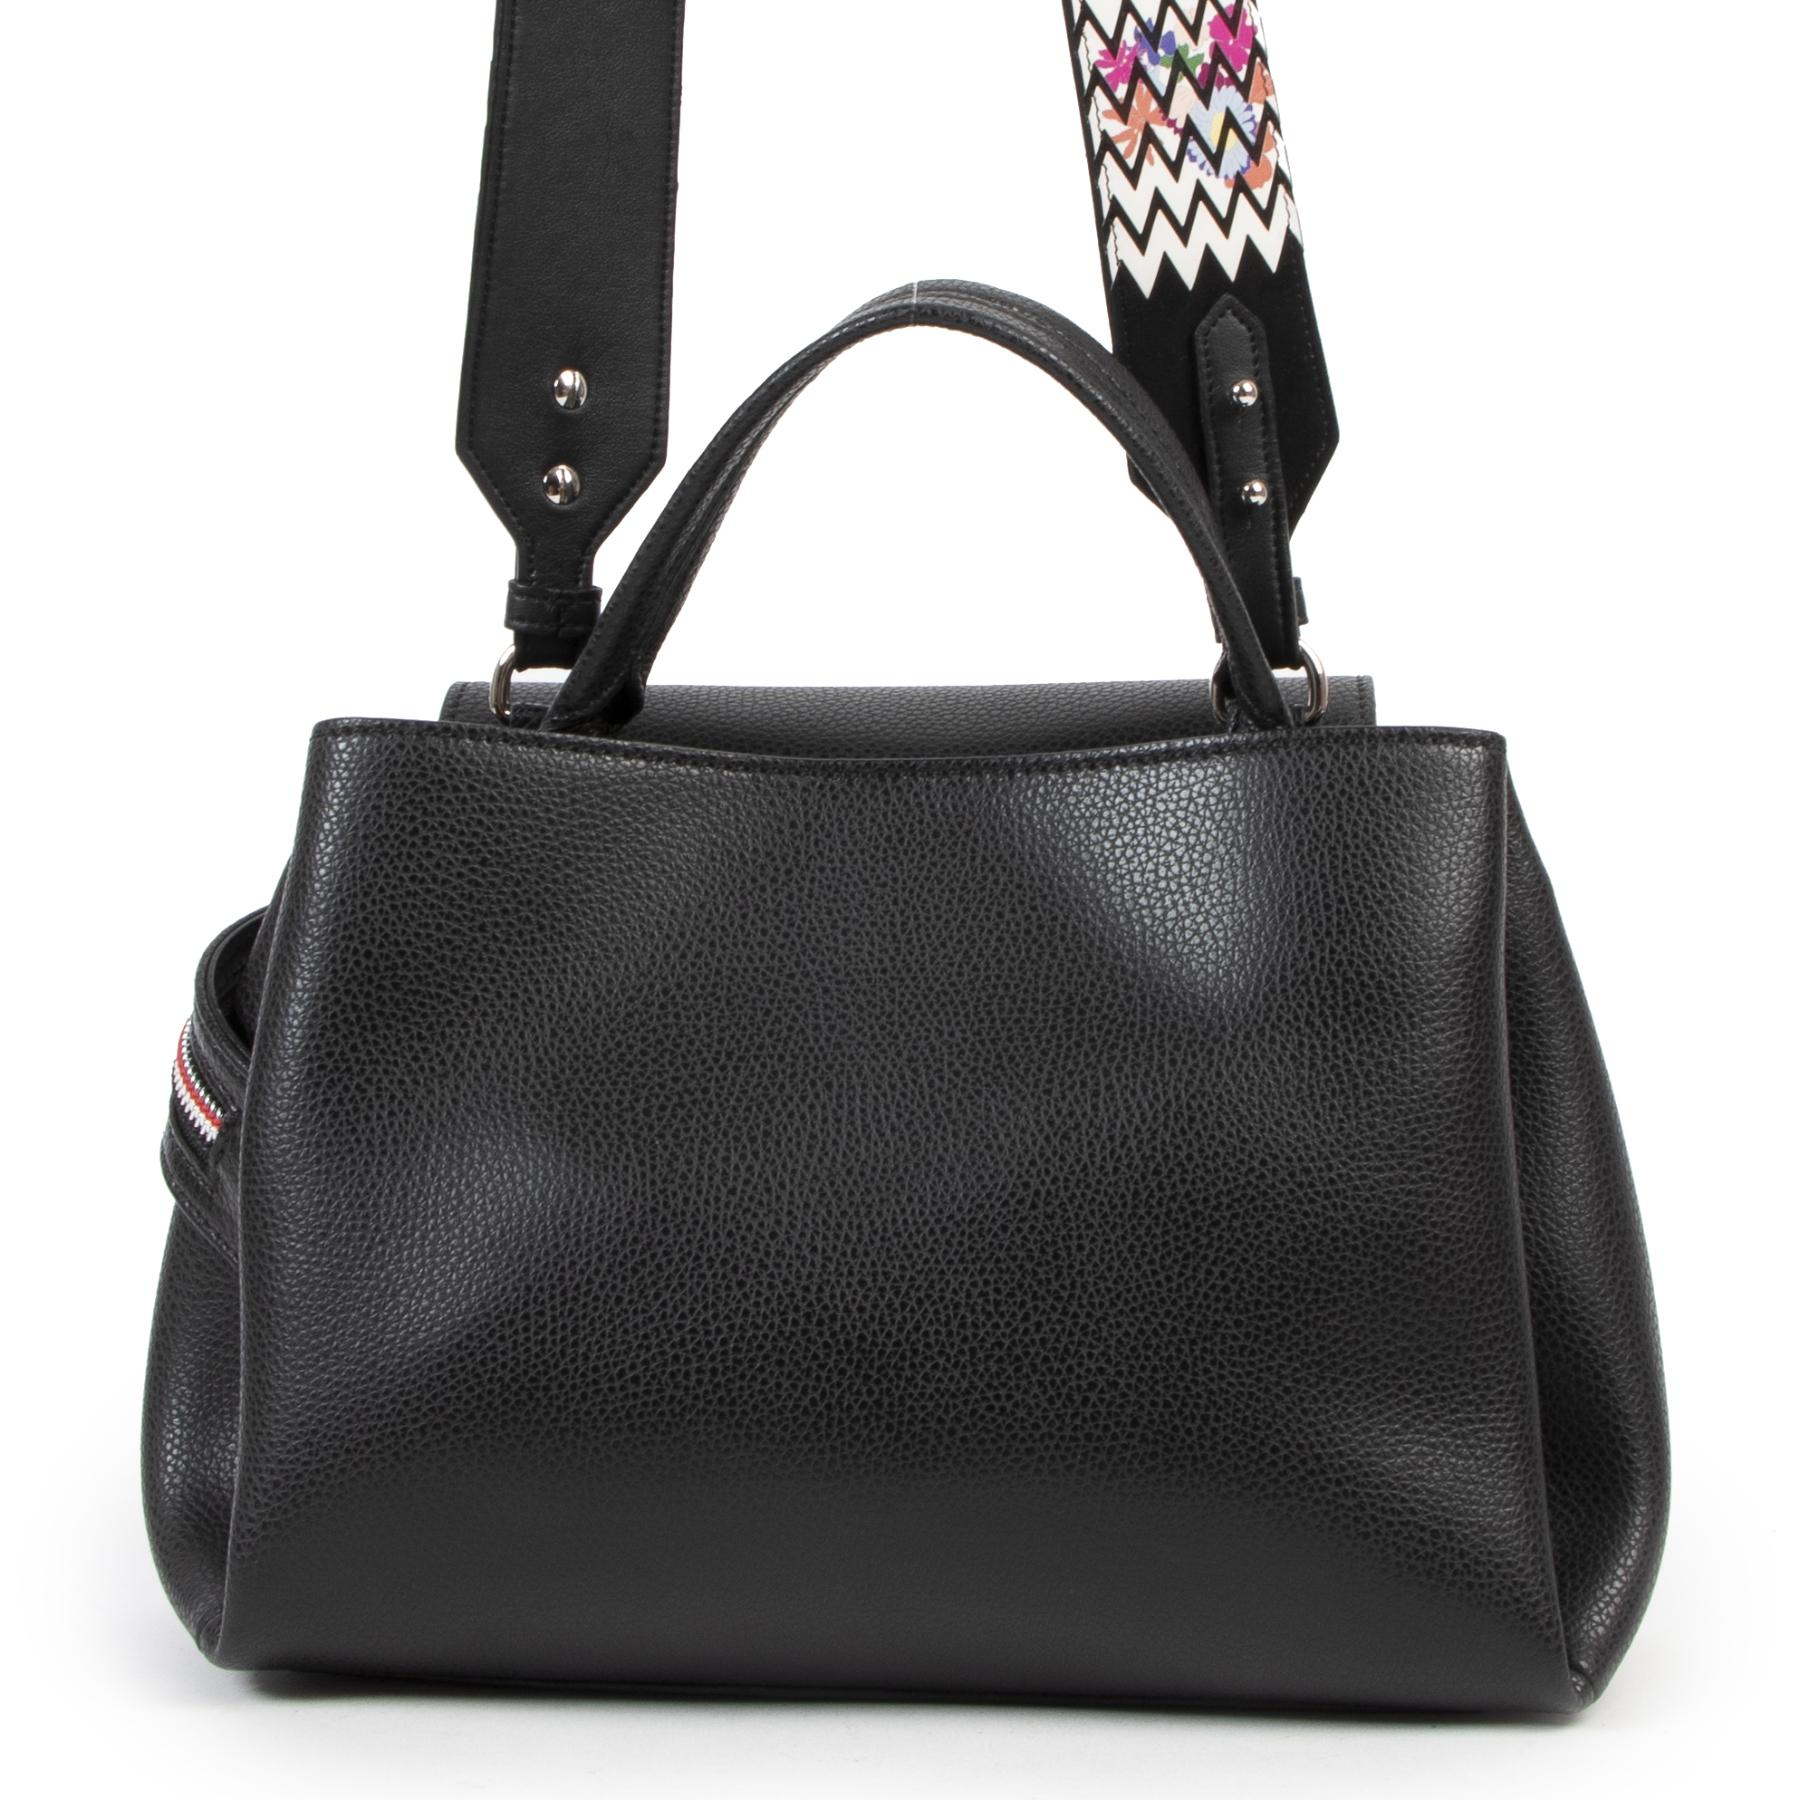 Authentieke Tweedehands Hogan Black Leather Zipper Shoulder Bag juiste prijs veilig online shoppen luxe merken webshop winkelen Antwerpen België mode fashion